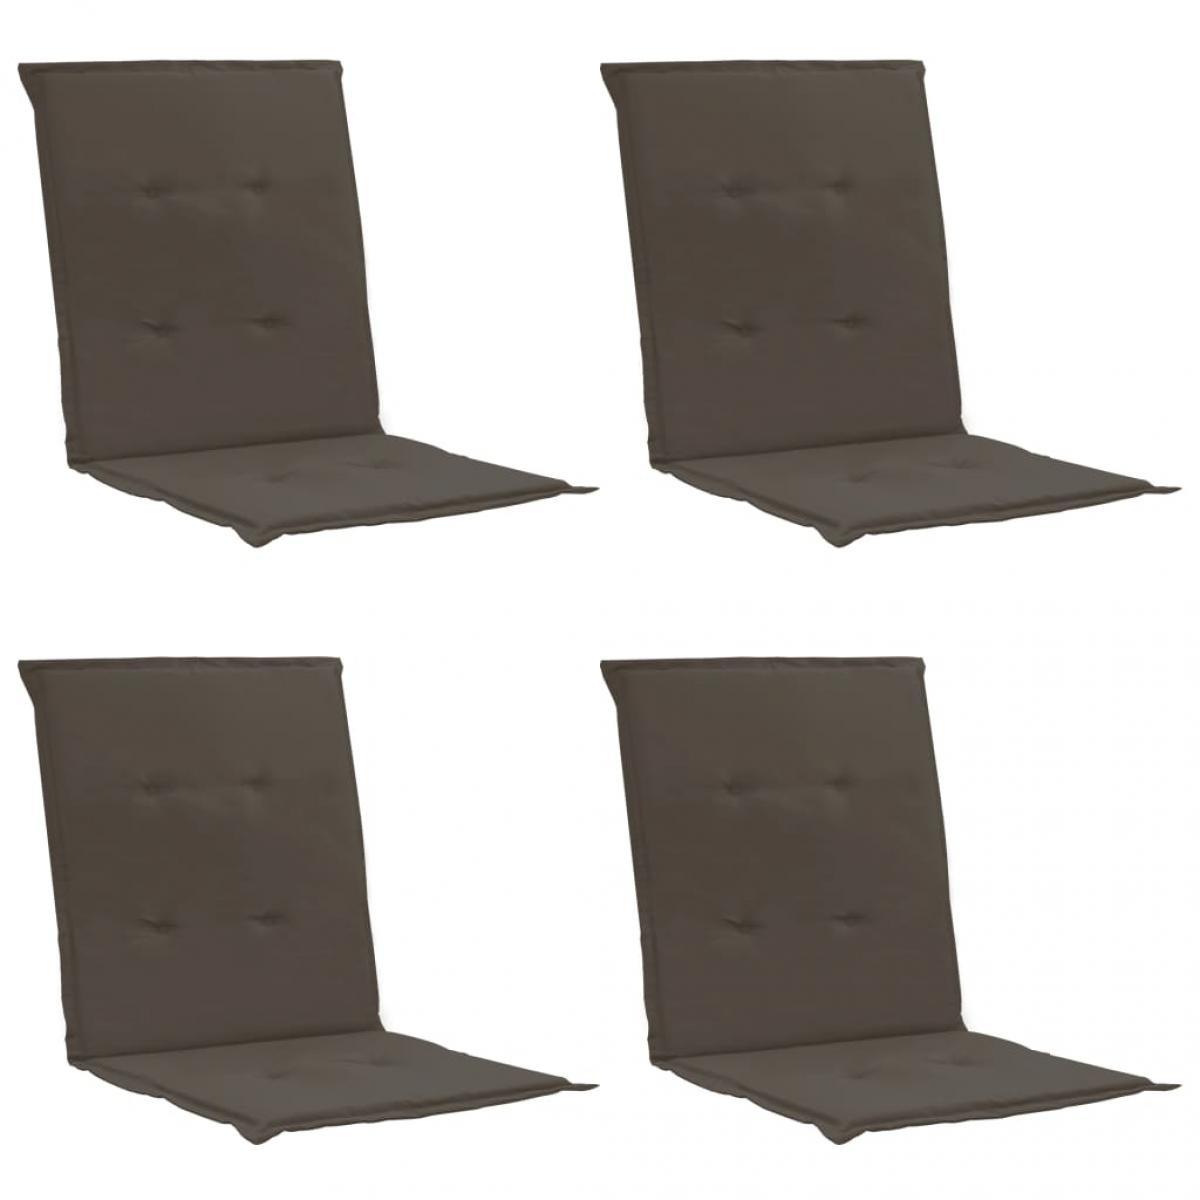 Vidaxl vidaXL Coussins de chaise de jardin 4 pcs Anthracite 100x50x3 cm